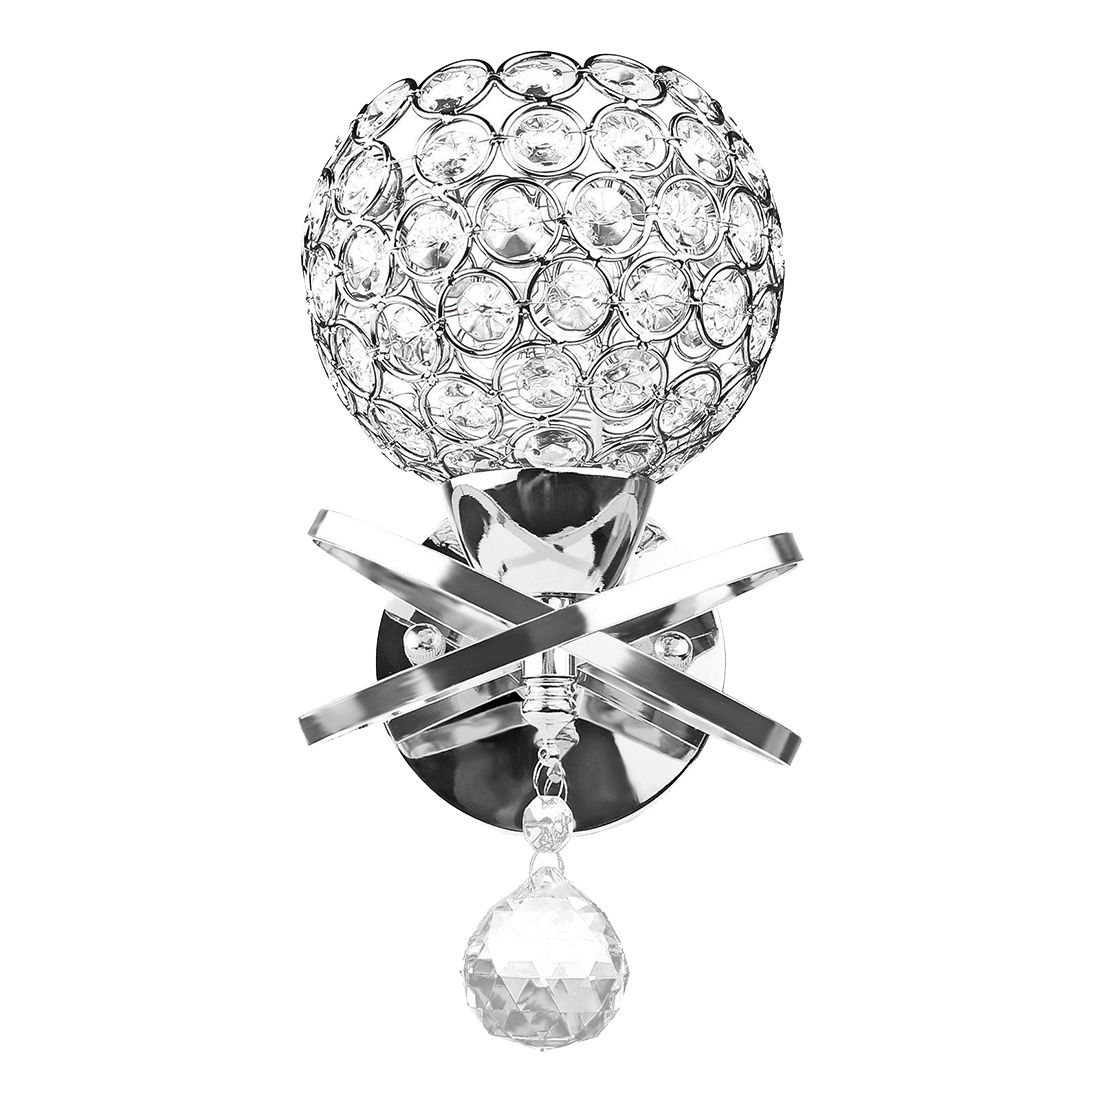 Настенный Бра кристалл настенный светильник простой и креативный теплый прикроватный настенный светильник для спальни хрустальный светильник s 1 шт